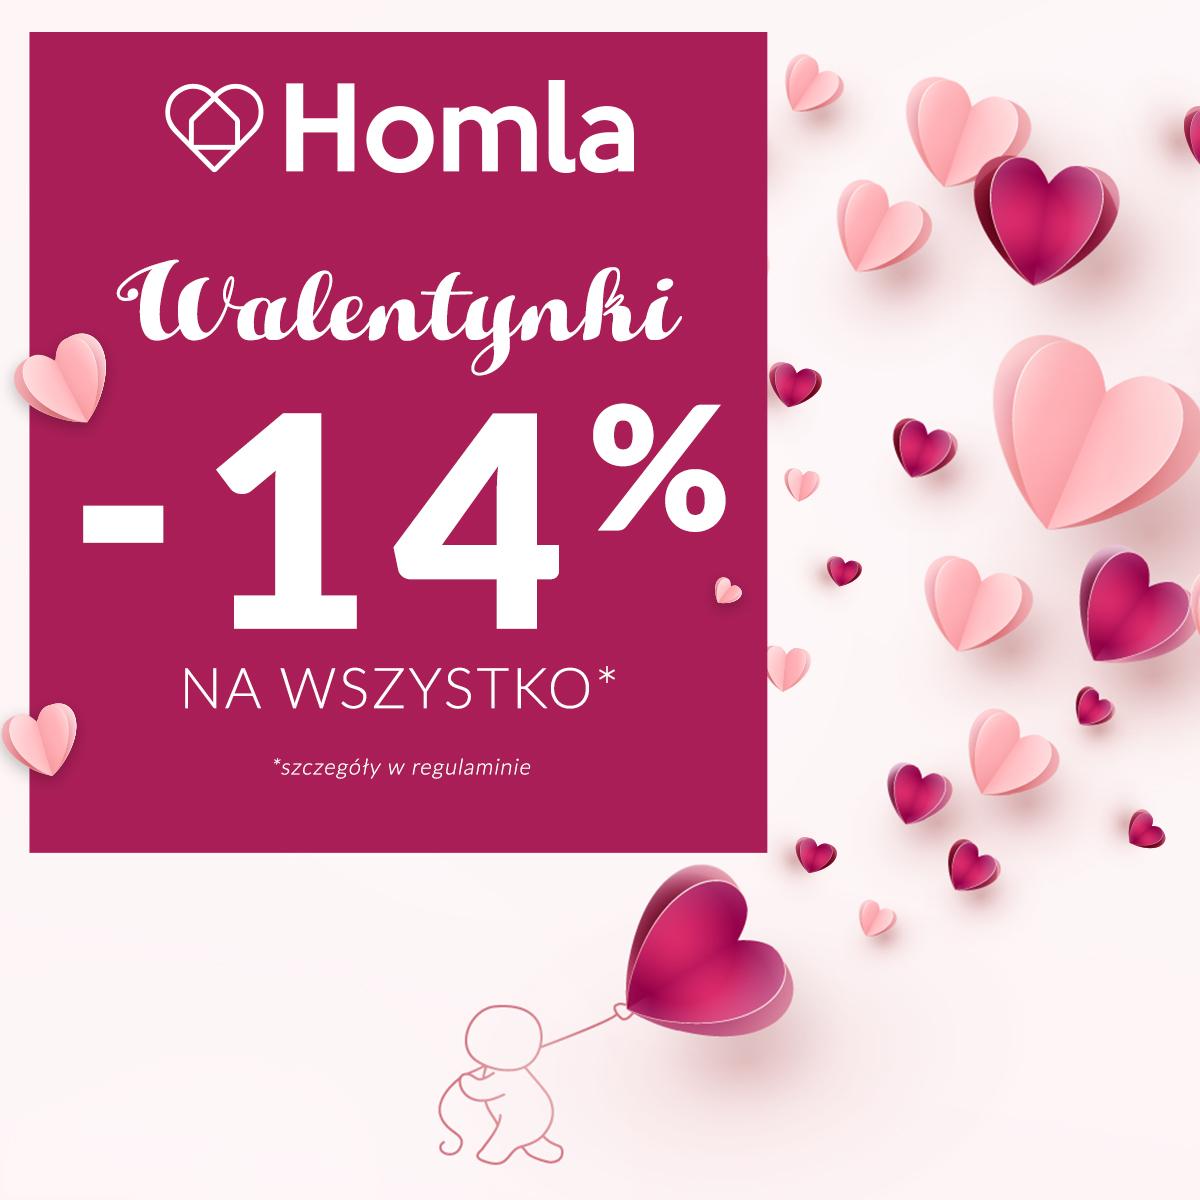 Walentynkowa promocja wHomla -14%